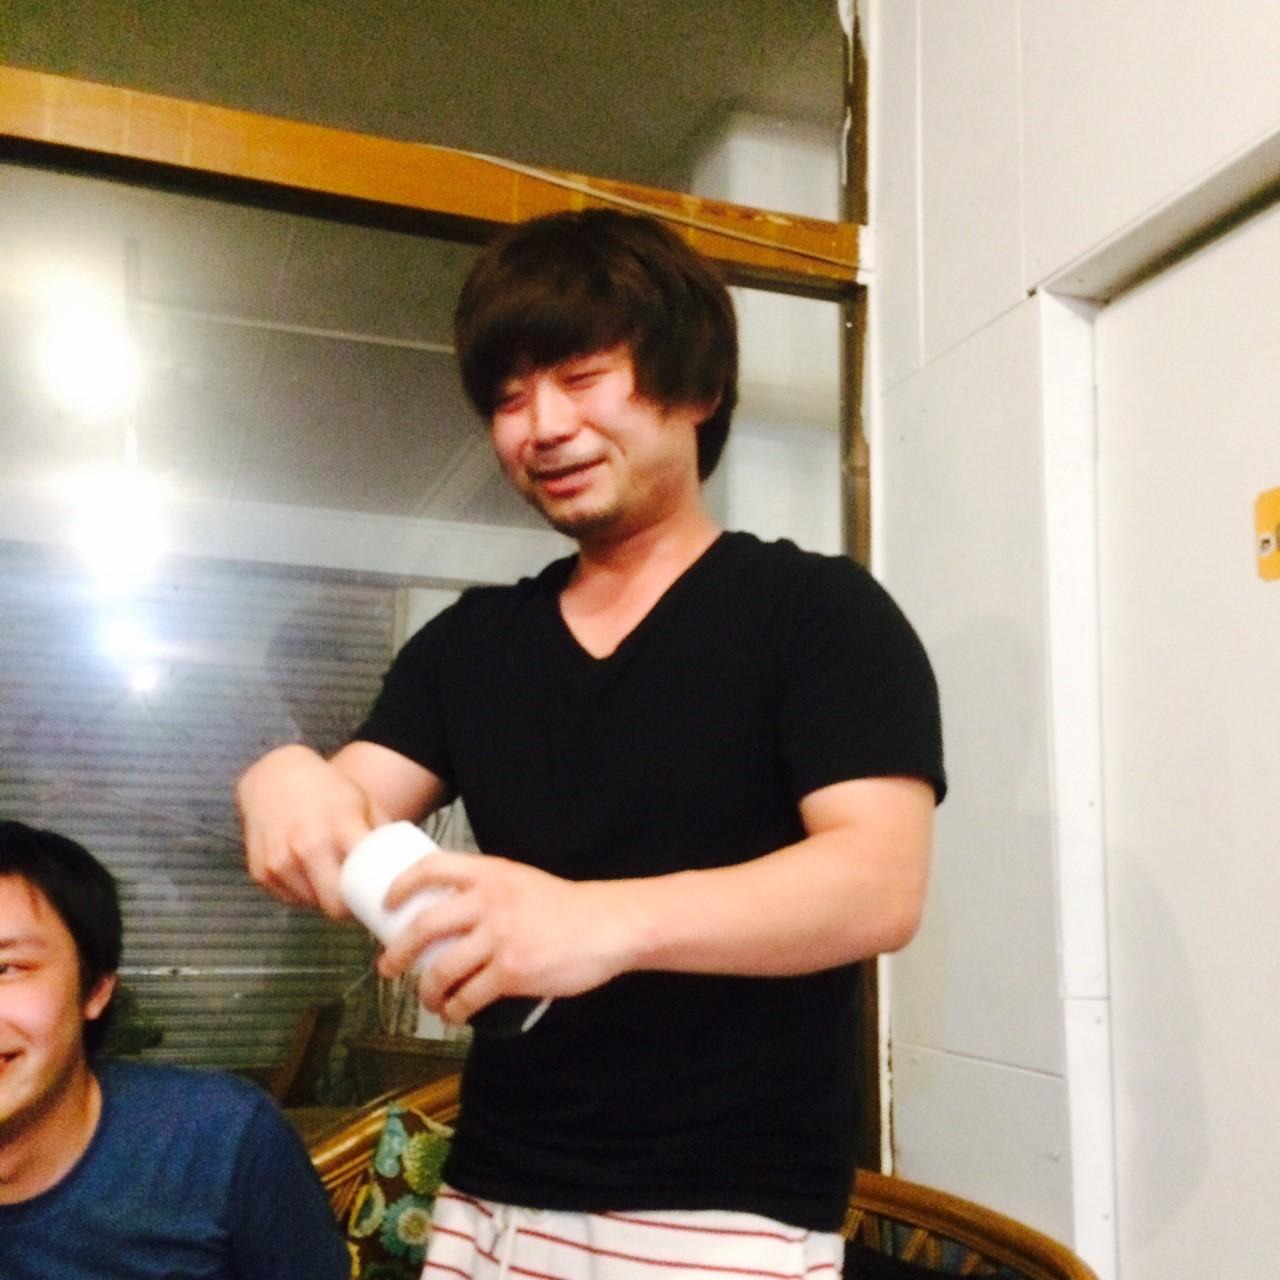 周太郎氏が登場、その手に持っているものは、、、?